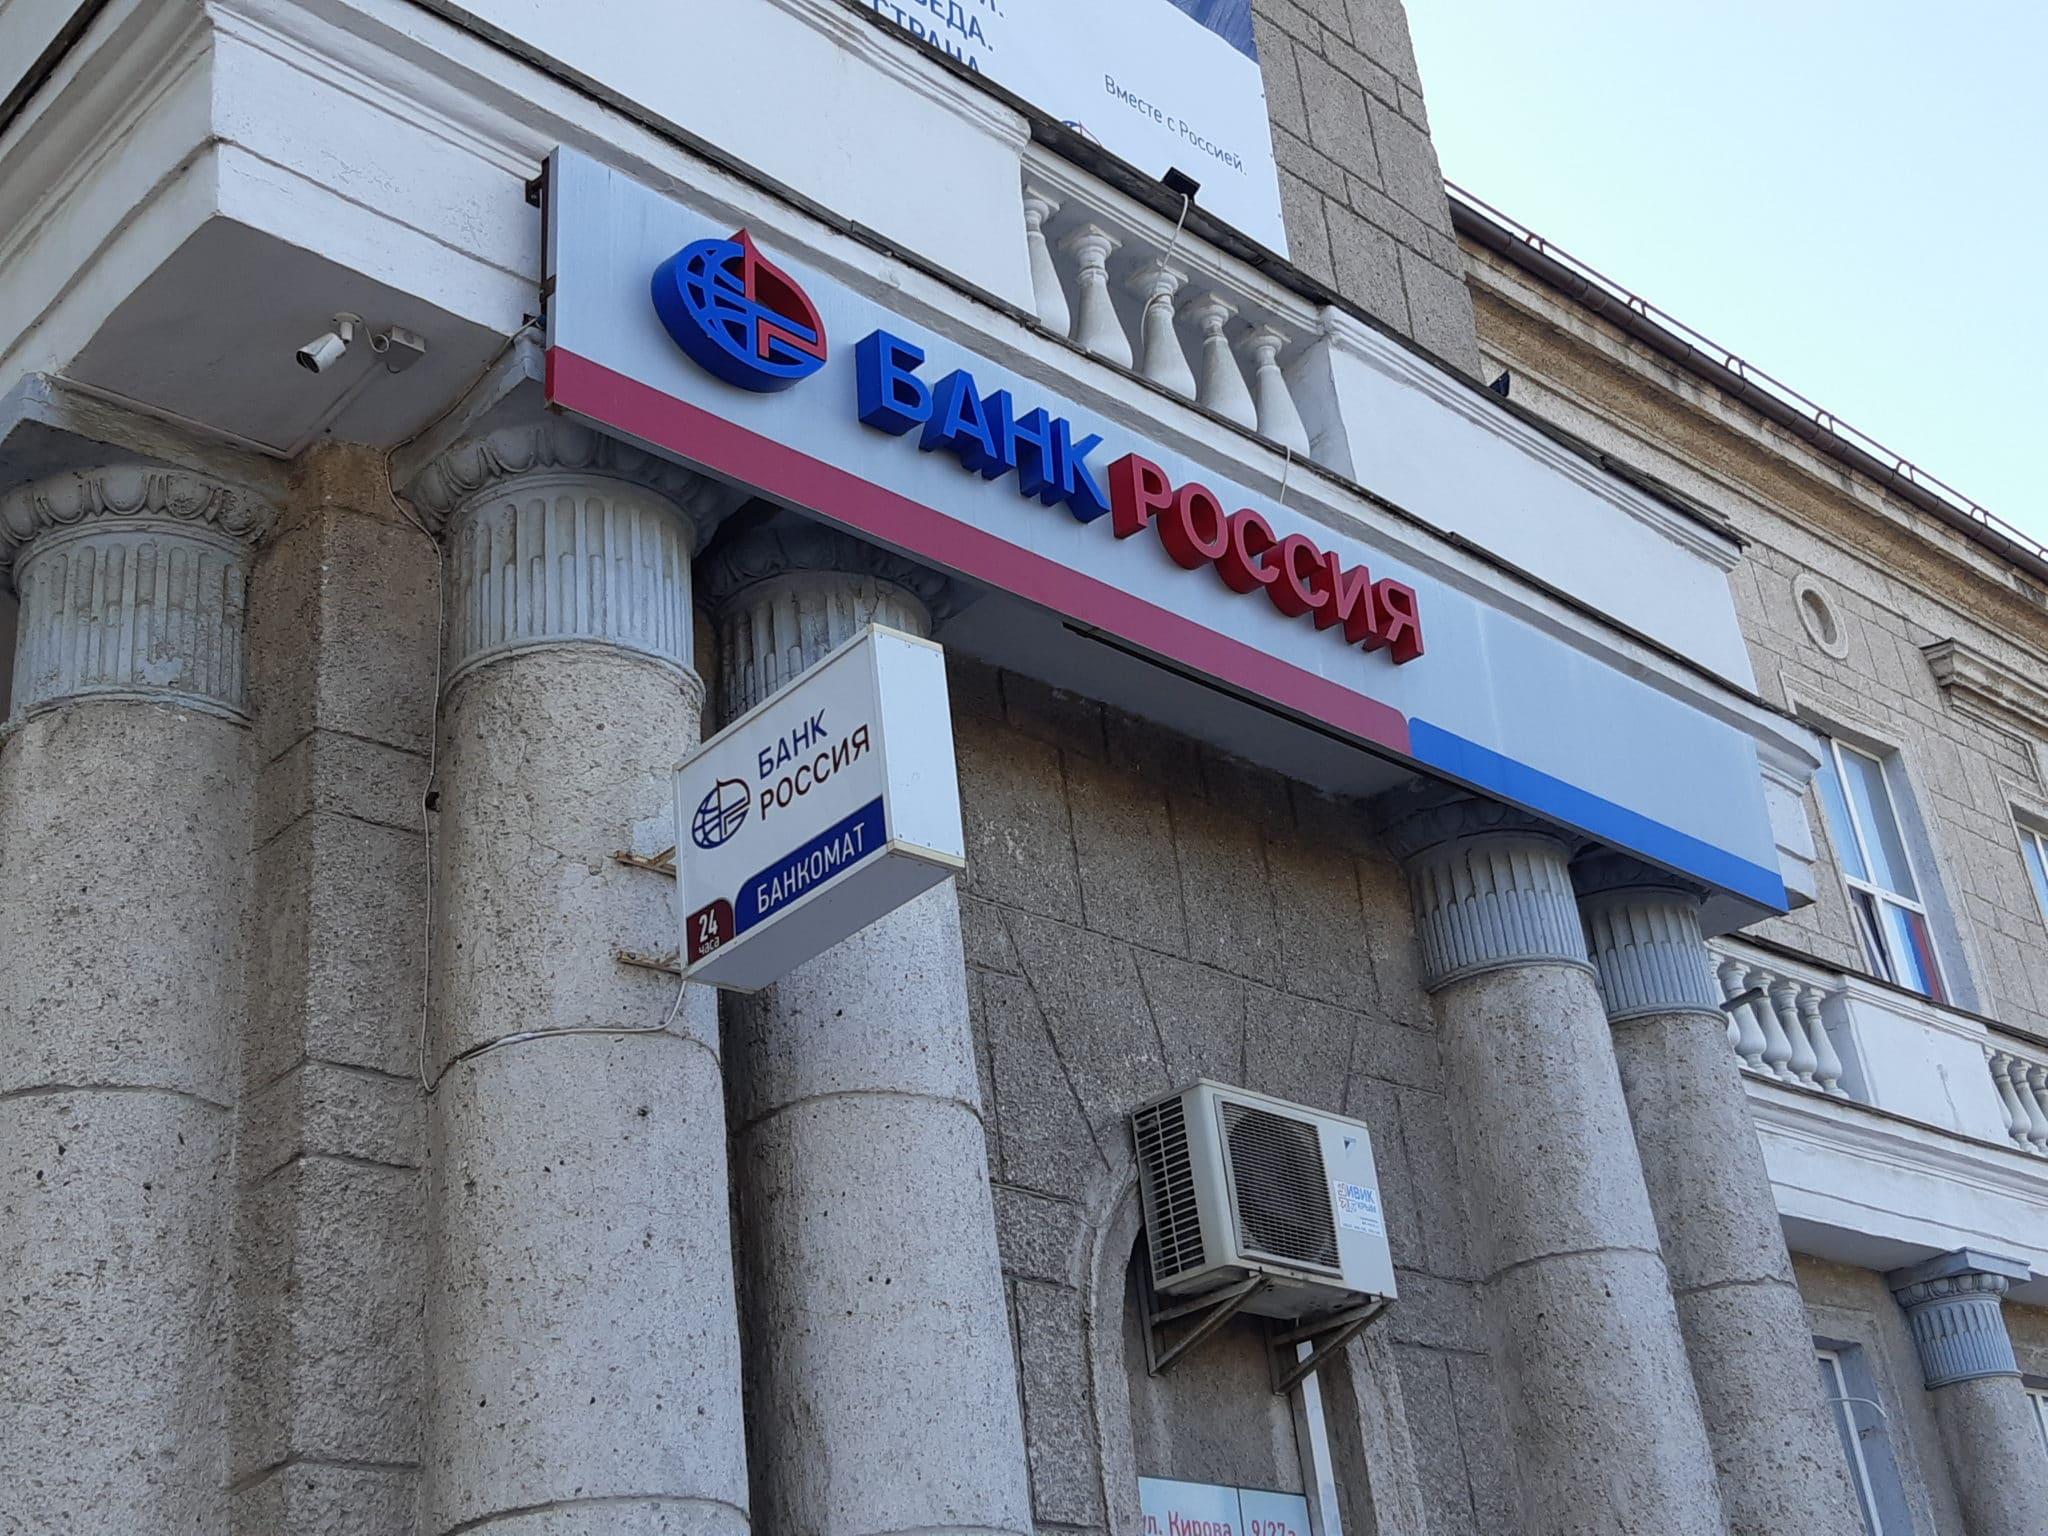 Крым спустя 6 лет: какие банки остались работать на полуострове и что они предлагают клиентам?